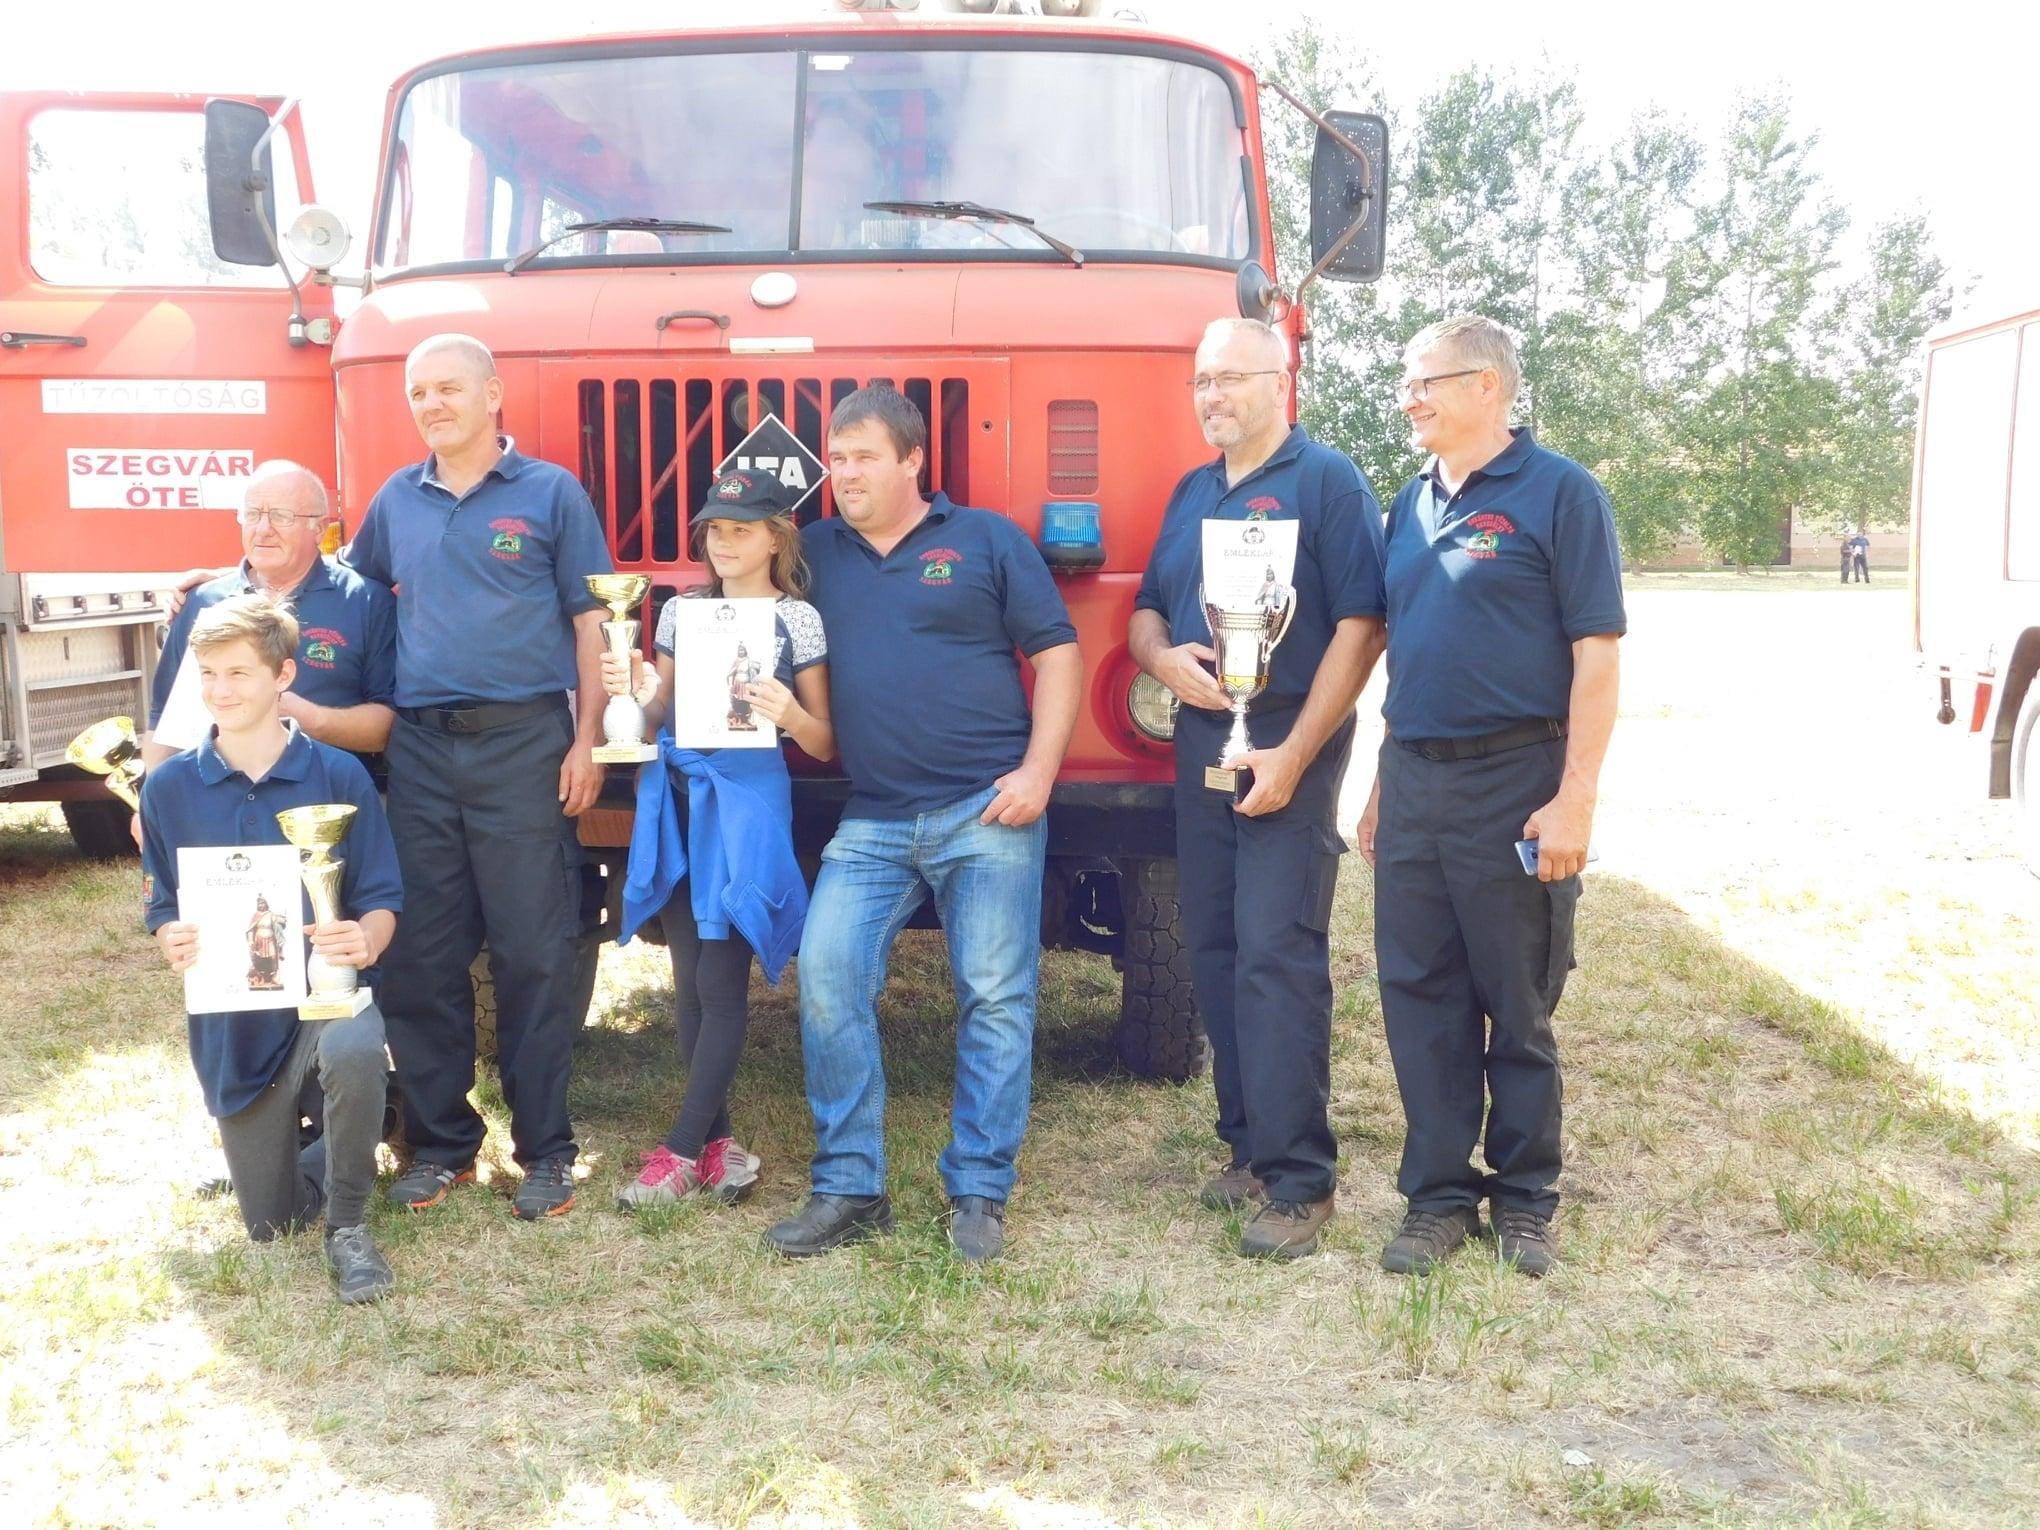 Dobogós helyezést értek el a tűzoltóversenyen